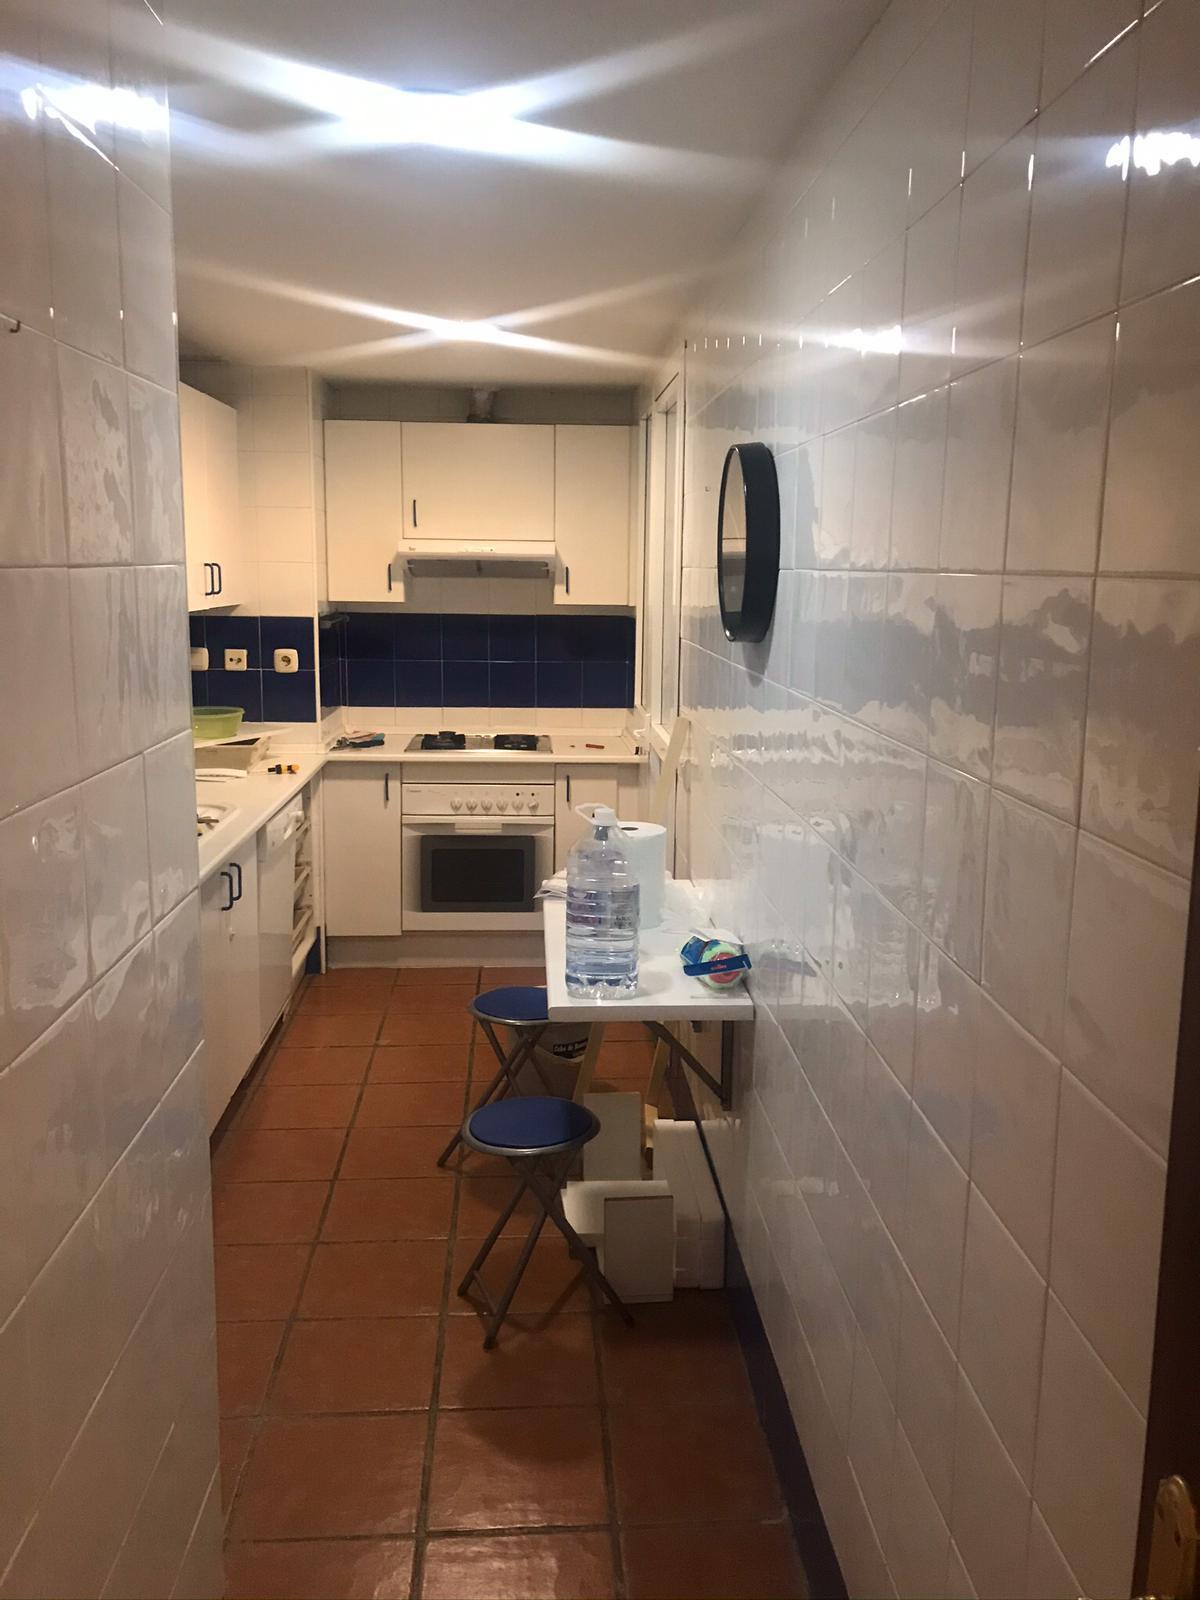 Middle Floor Apartment, San Pedro de Alcantara, Costa del Sol. 2 Bedrooms, 1 Bathroom, Built 90 m², ,Spain